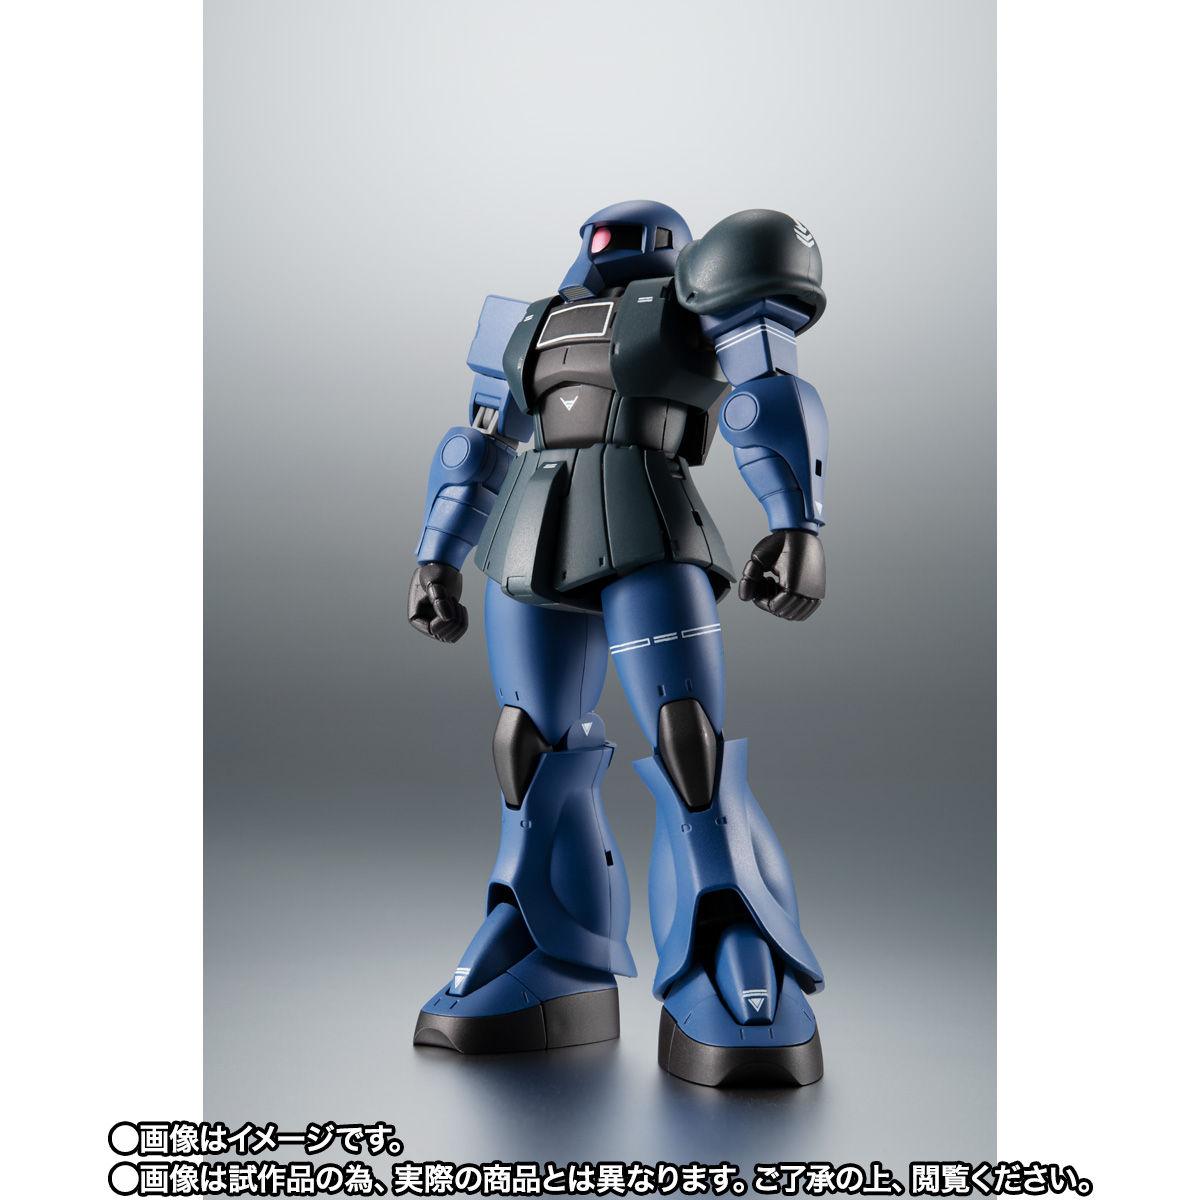 【限定販売】ROBOT魂〈SIDE MS〉『MS-05B 旧ザク ver. A.N.I.M.E. ~黒い三連星~』ガンダム 可動フィギュア-010